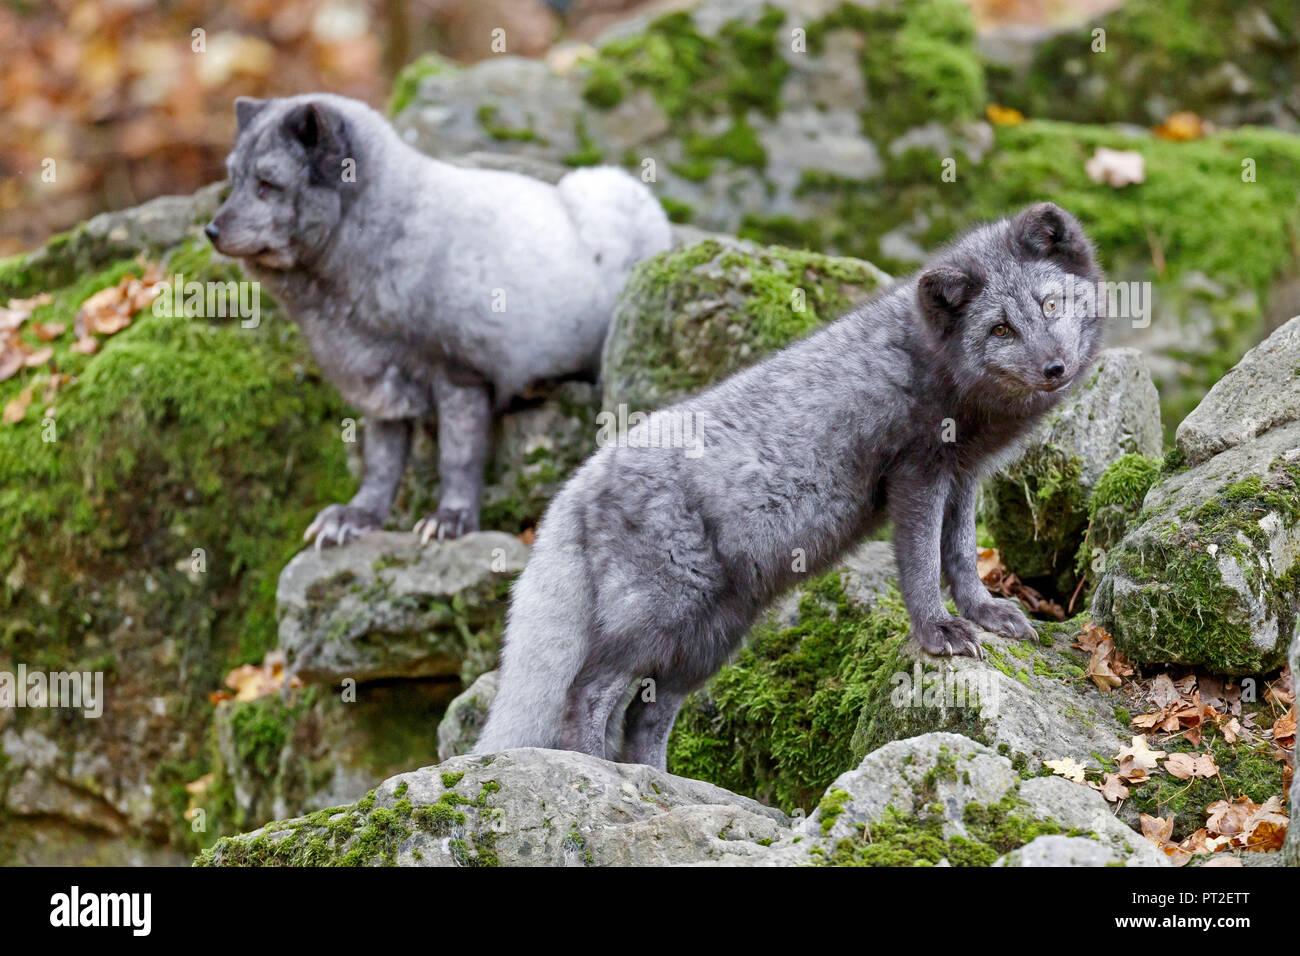 Volpe Artica, volpe polare, (Alopex lagopus) Immagini Stock